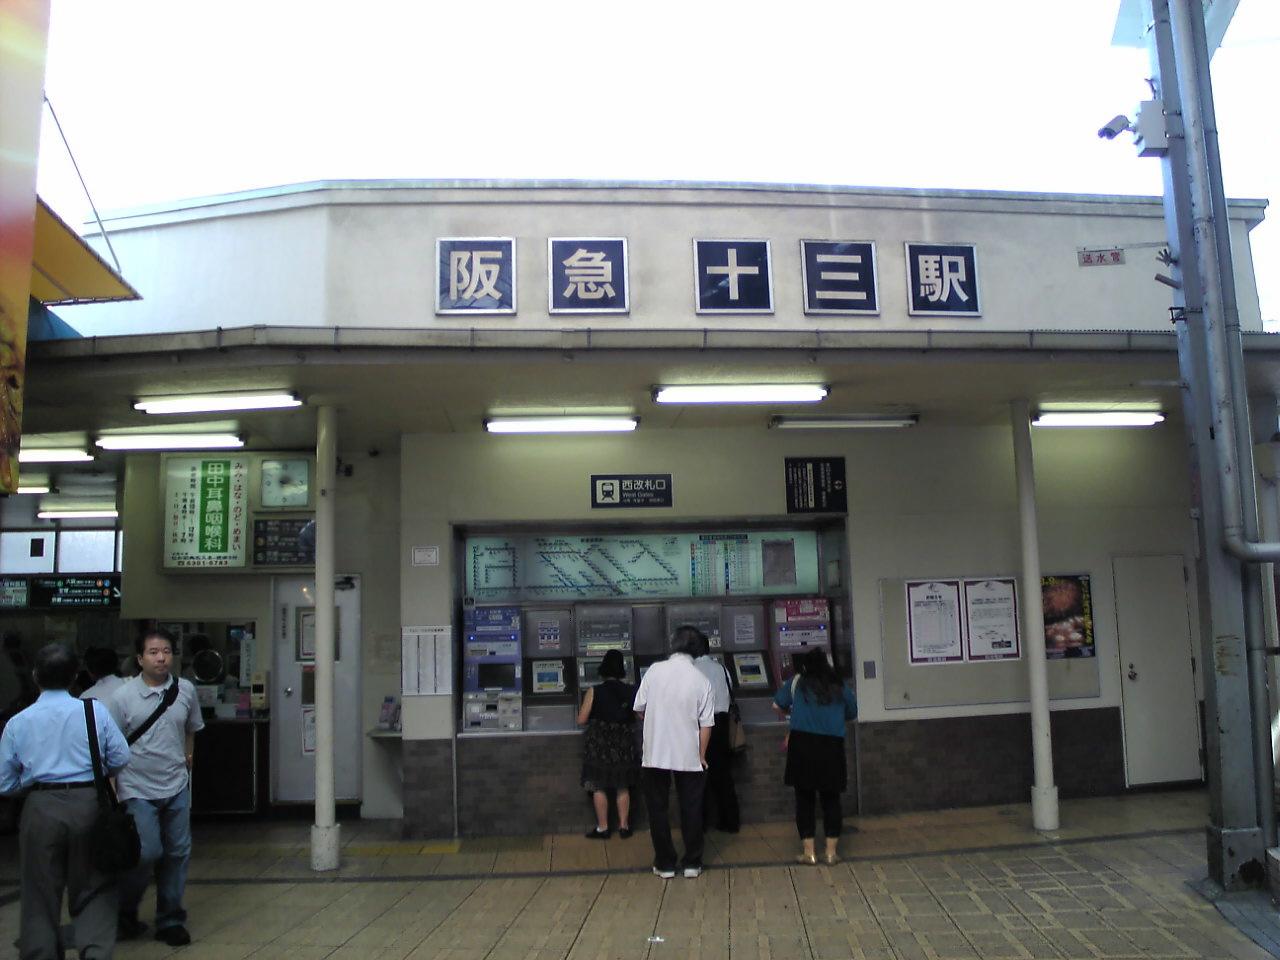 【公式】レンタルバイクのベストBike® [大阪府]阪急 十三駅前-セルフ